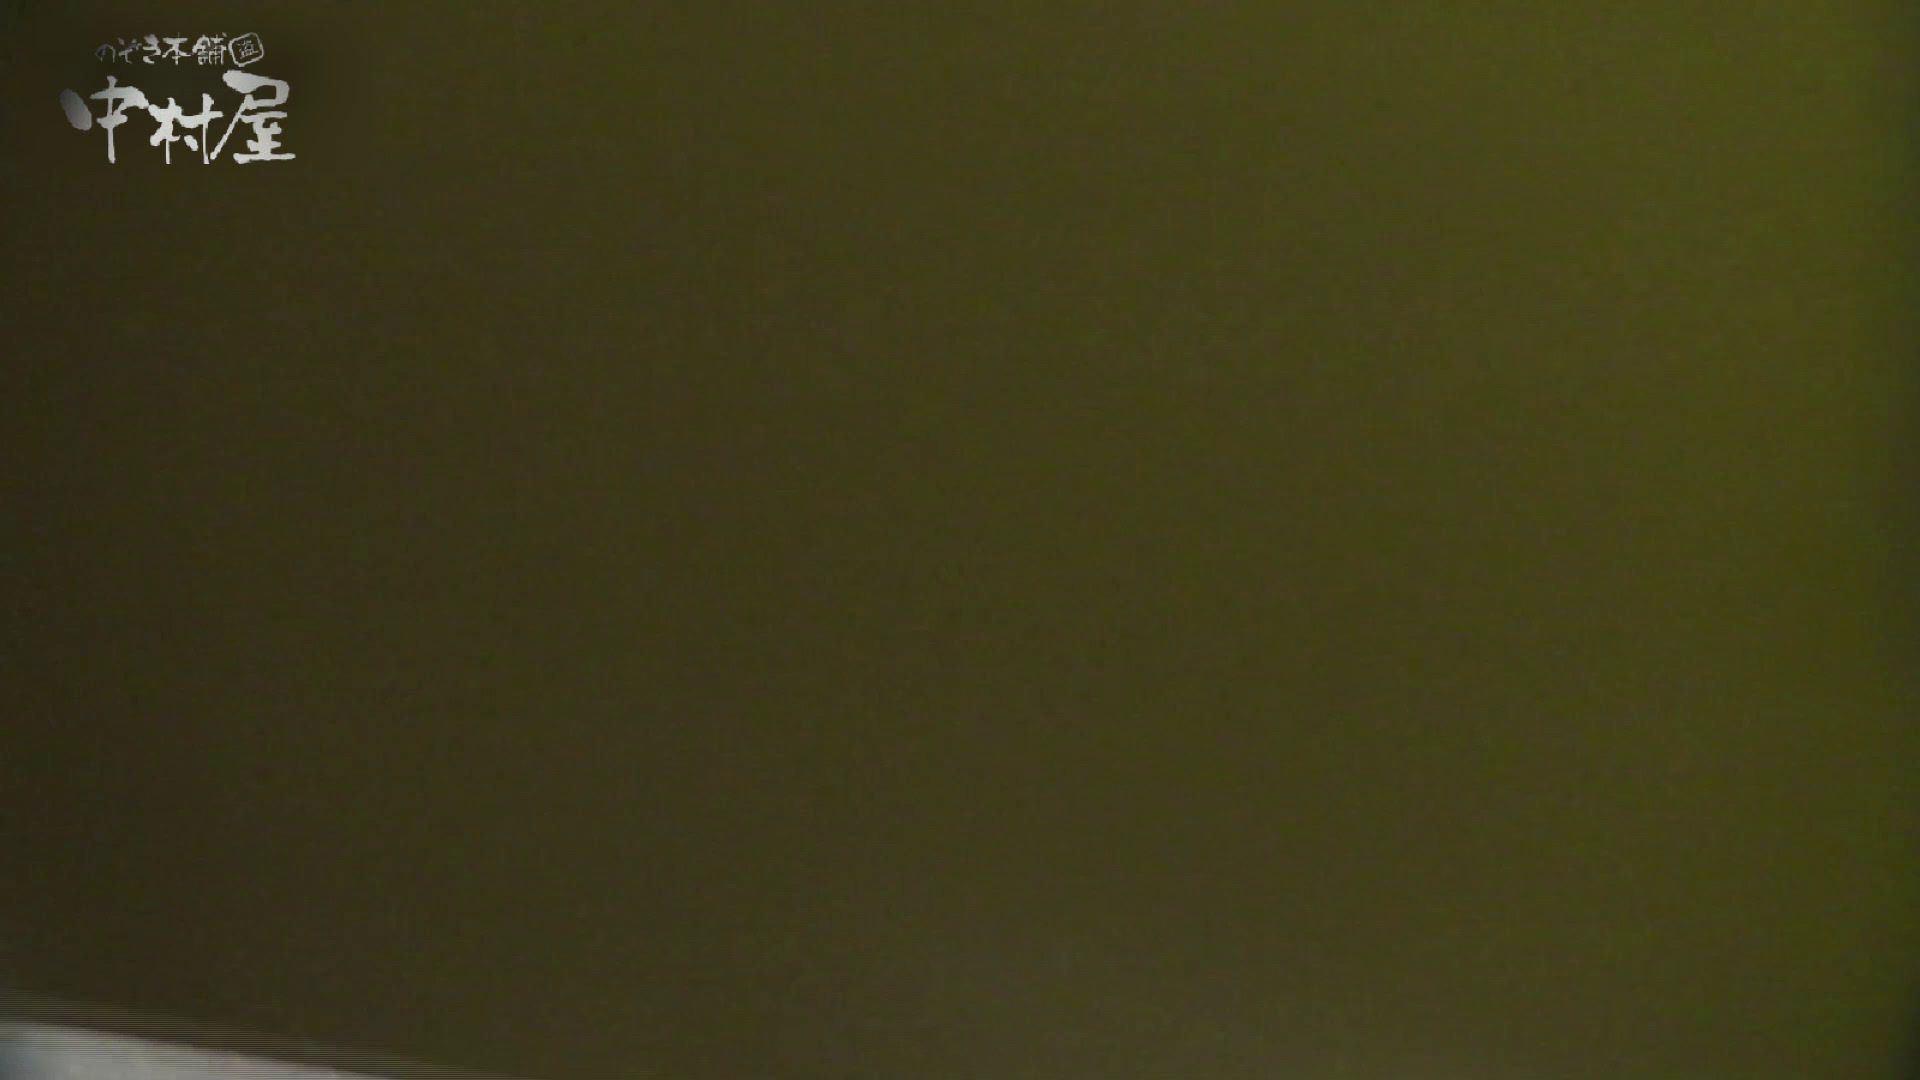 ▲期間限定D▲第三体育館潜入撮File035 アングル調整、場所変更!違った味の物が誕生 前編 マンコ満開 AV無料 97画像 46